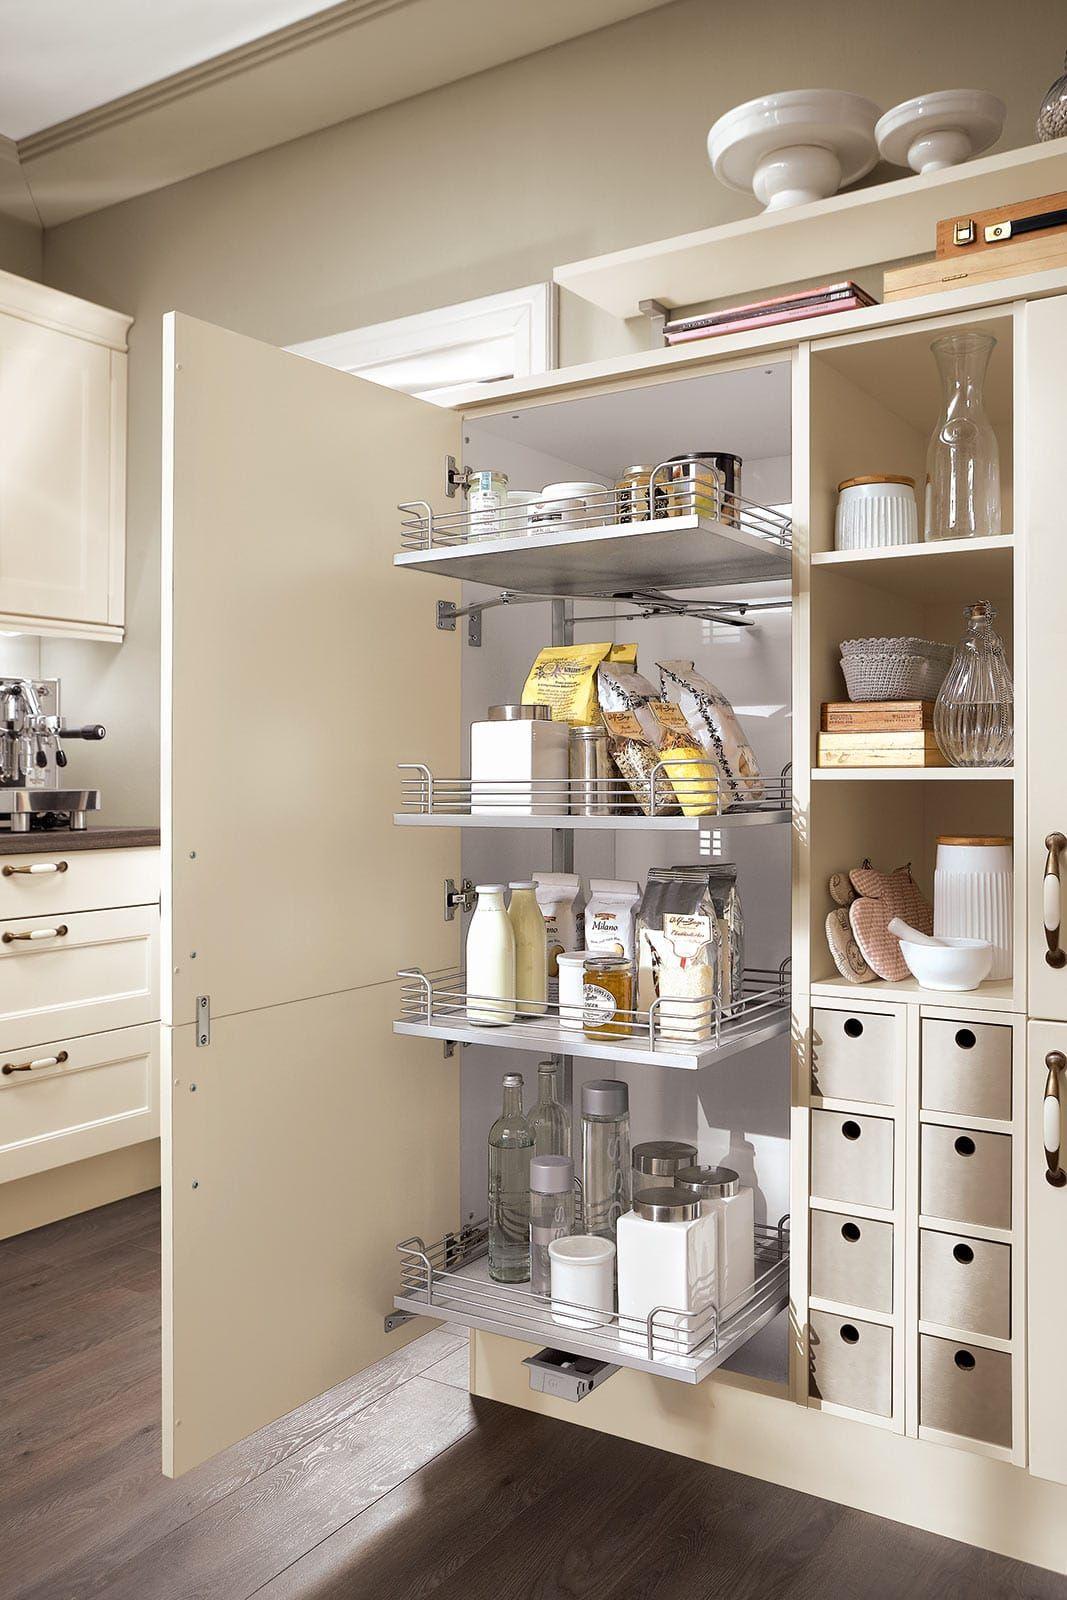 Vorratsschrank küche freistehend  vorratsschrank einbauküche creme norina 7365 | Küchen | Pinterest